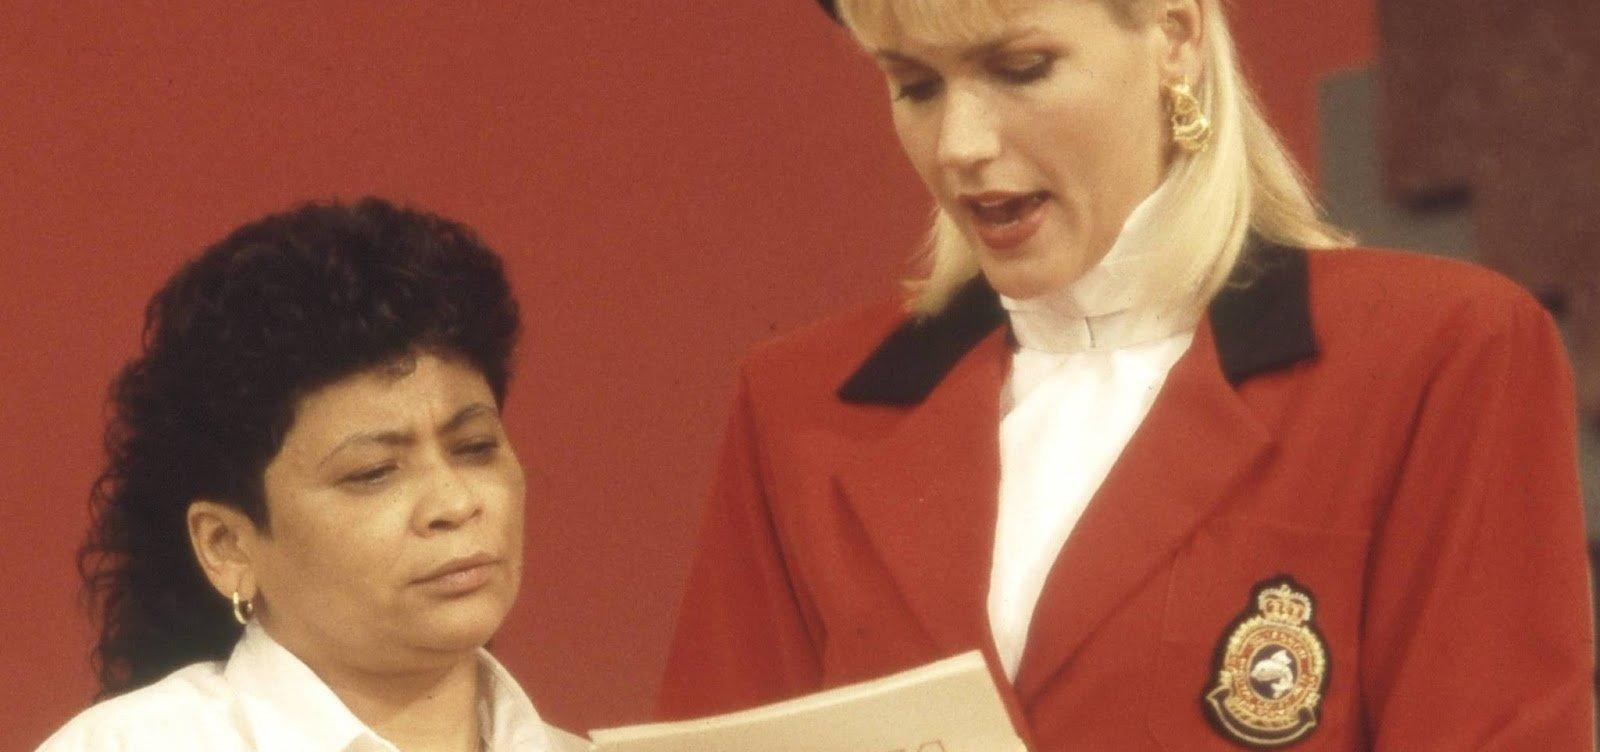 Marlene Mattos estuda processar Xuxa após ser acusada de roubo